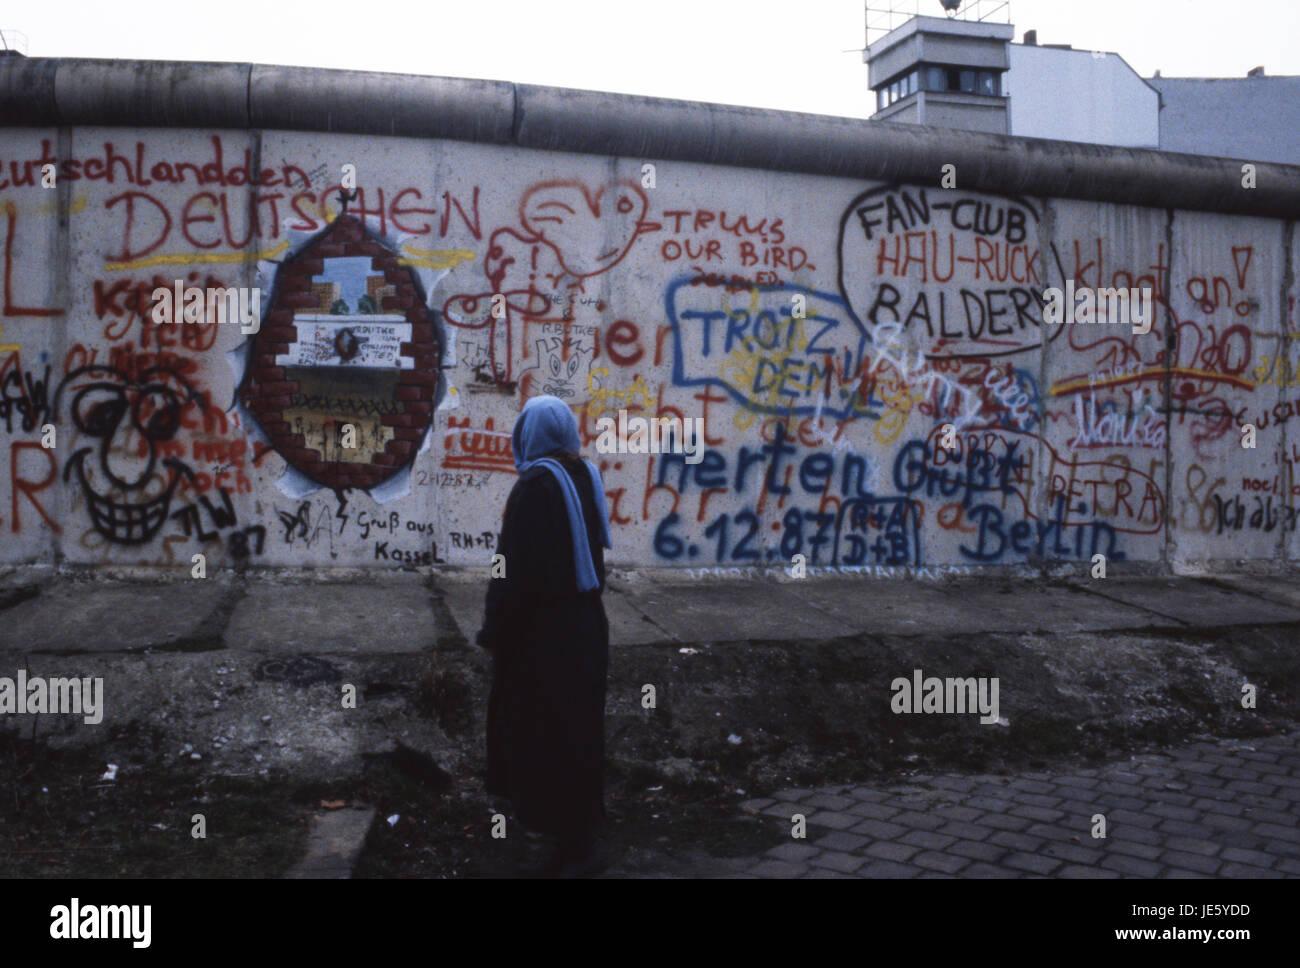 Eine Frau liest die Graffiti auf der Berliner Mauer, während DDR Grenze wachen Blick auf. Berlin 1987 Stockfoto